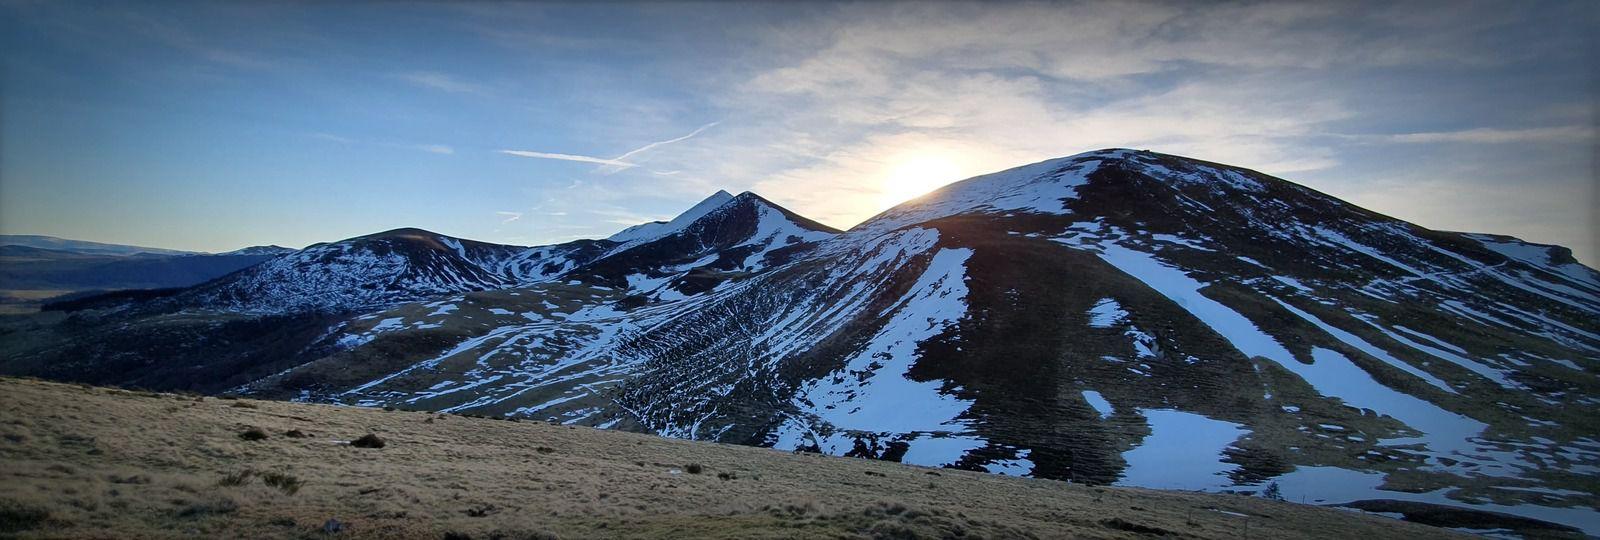 Des photos sur le fil au Col de la Croix Morand en Auvergne (Le Buron du Col, Mademoiselle Chic.....)